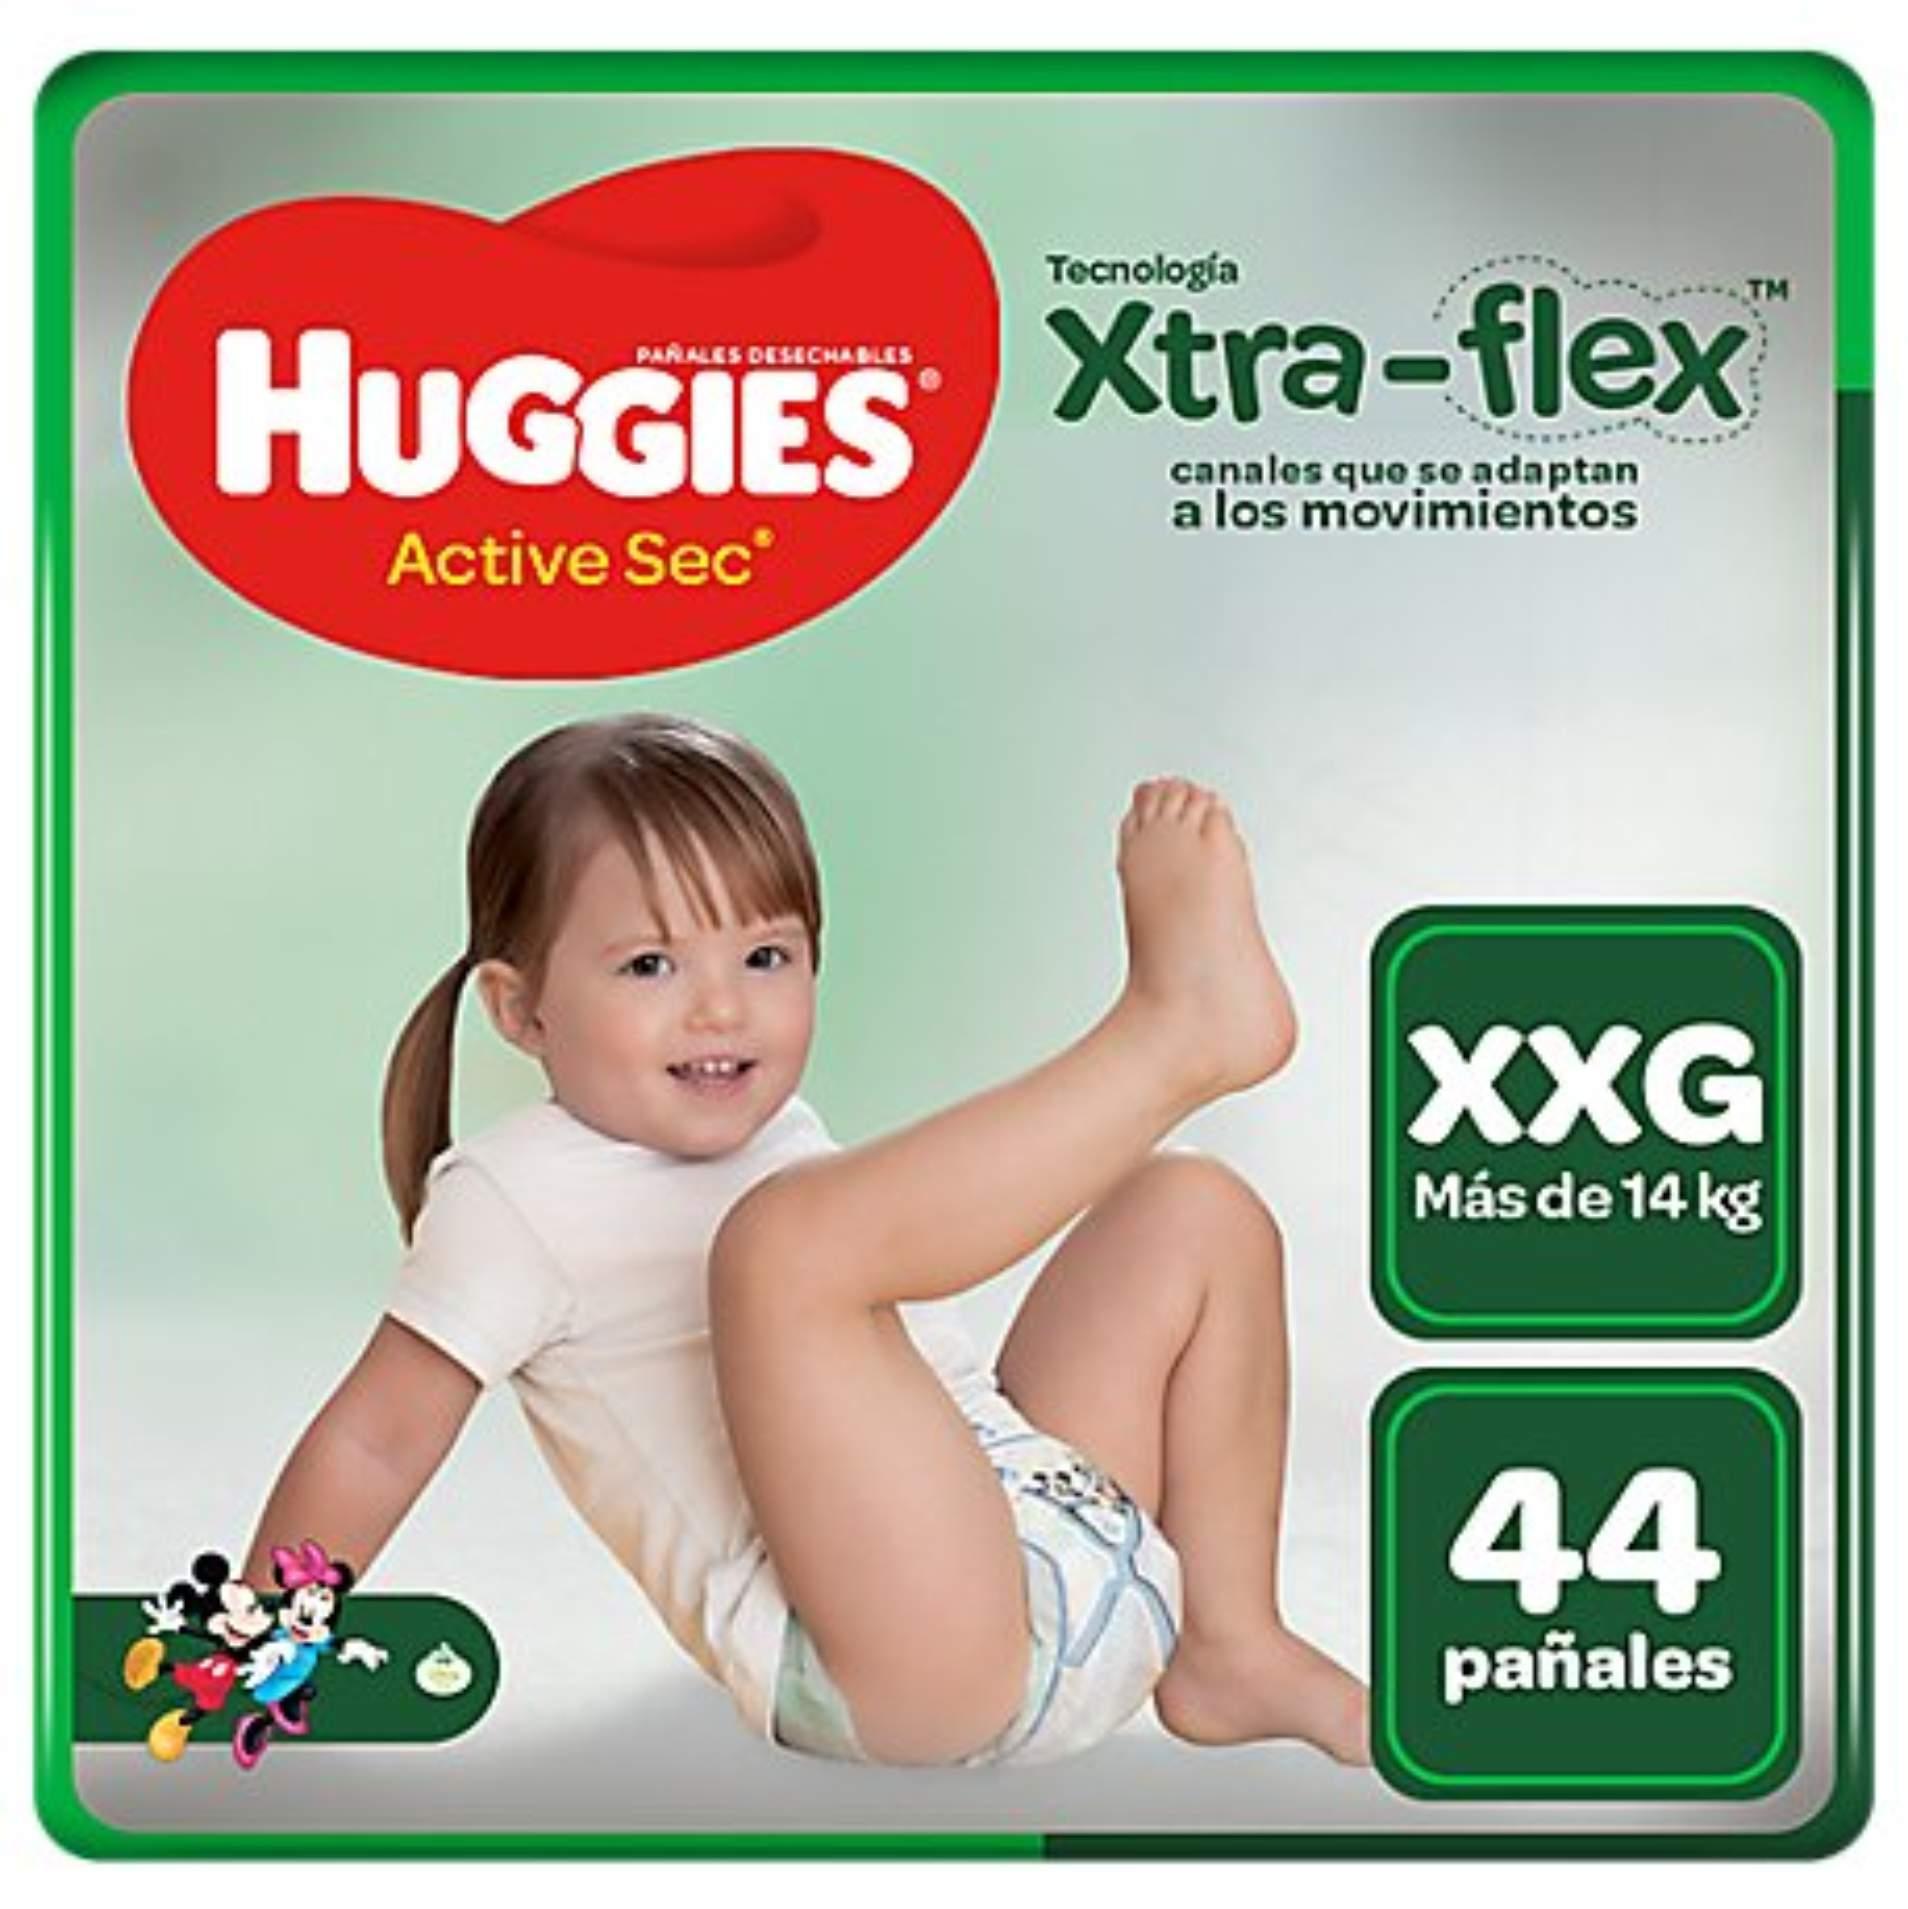 Pañales Huggies Active Sec Xtra Flex Talla XXG - Bolsa 44 UN